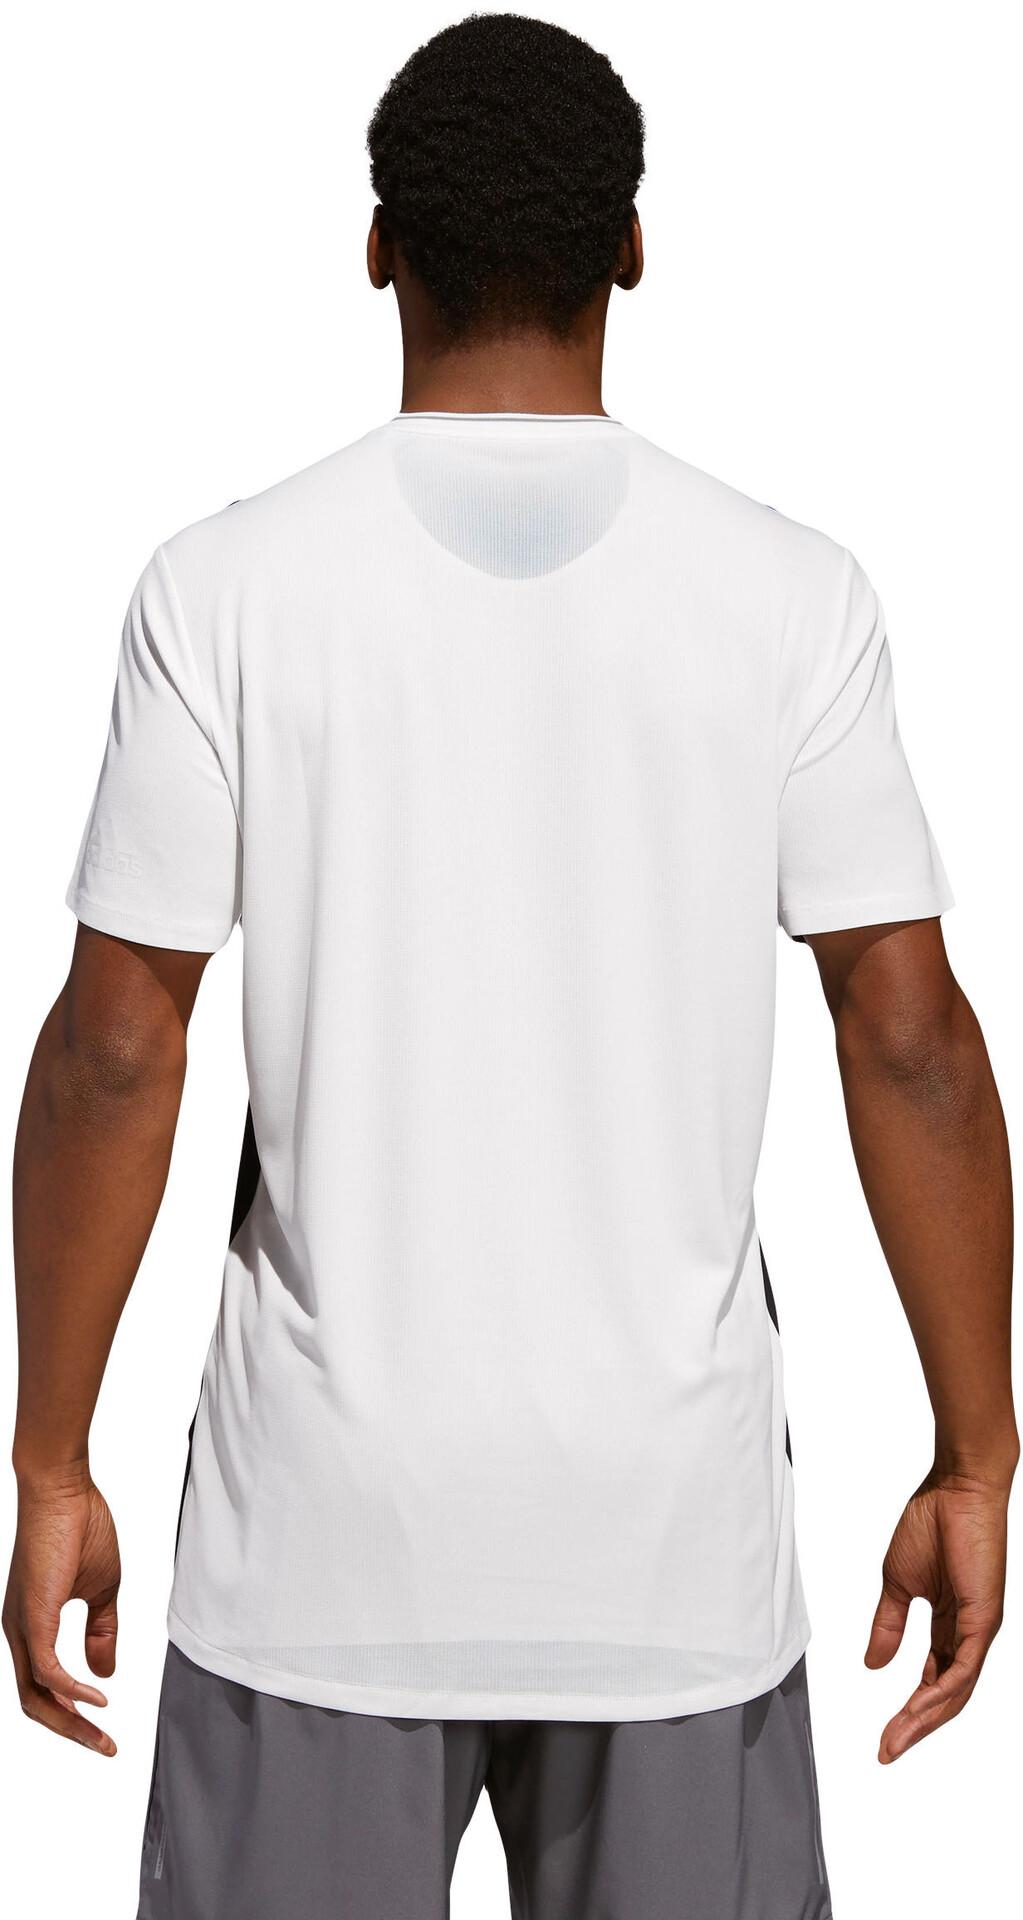 adidas tokyo shirt